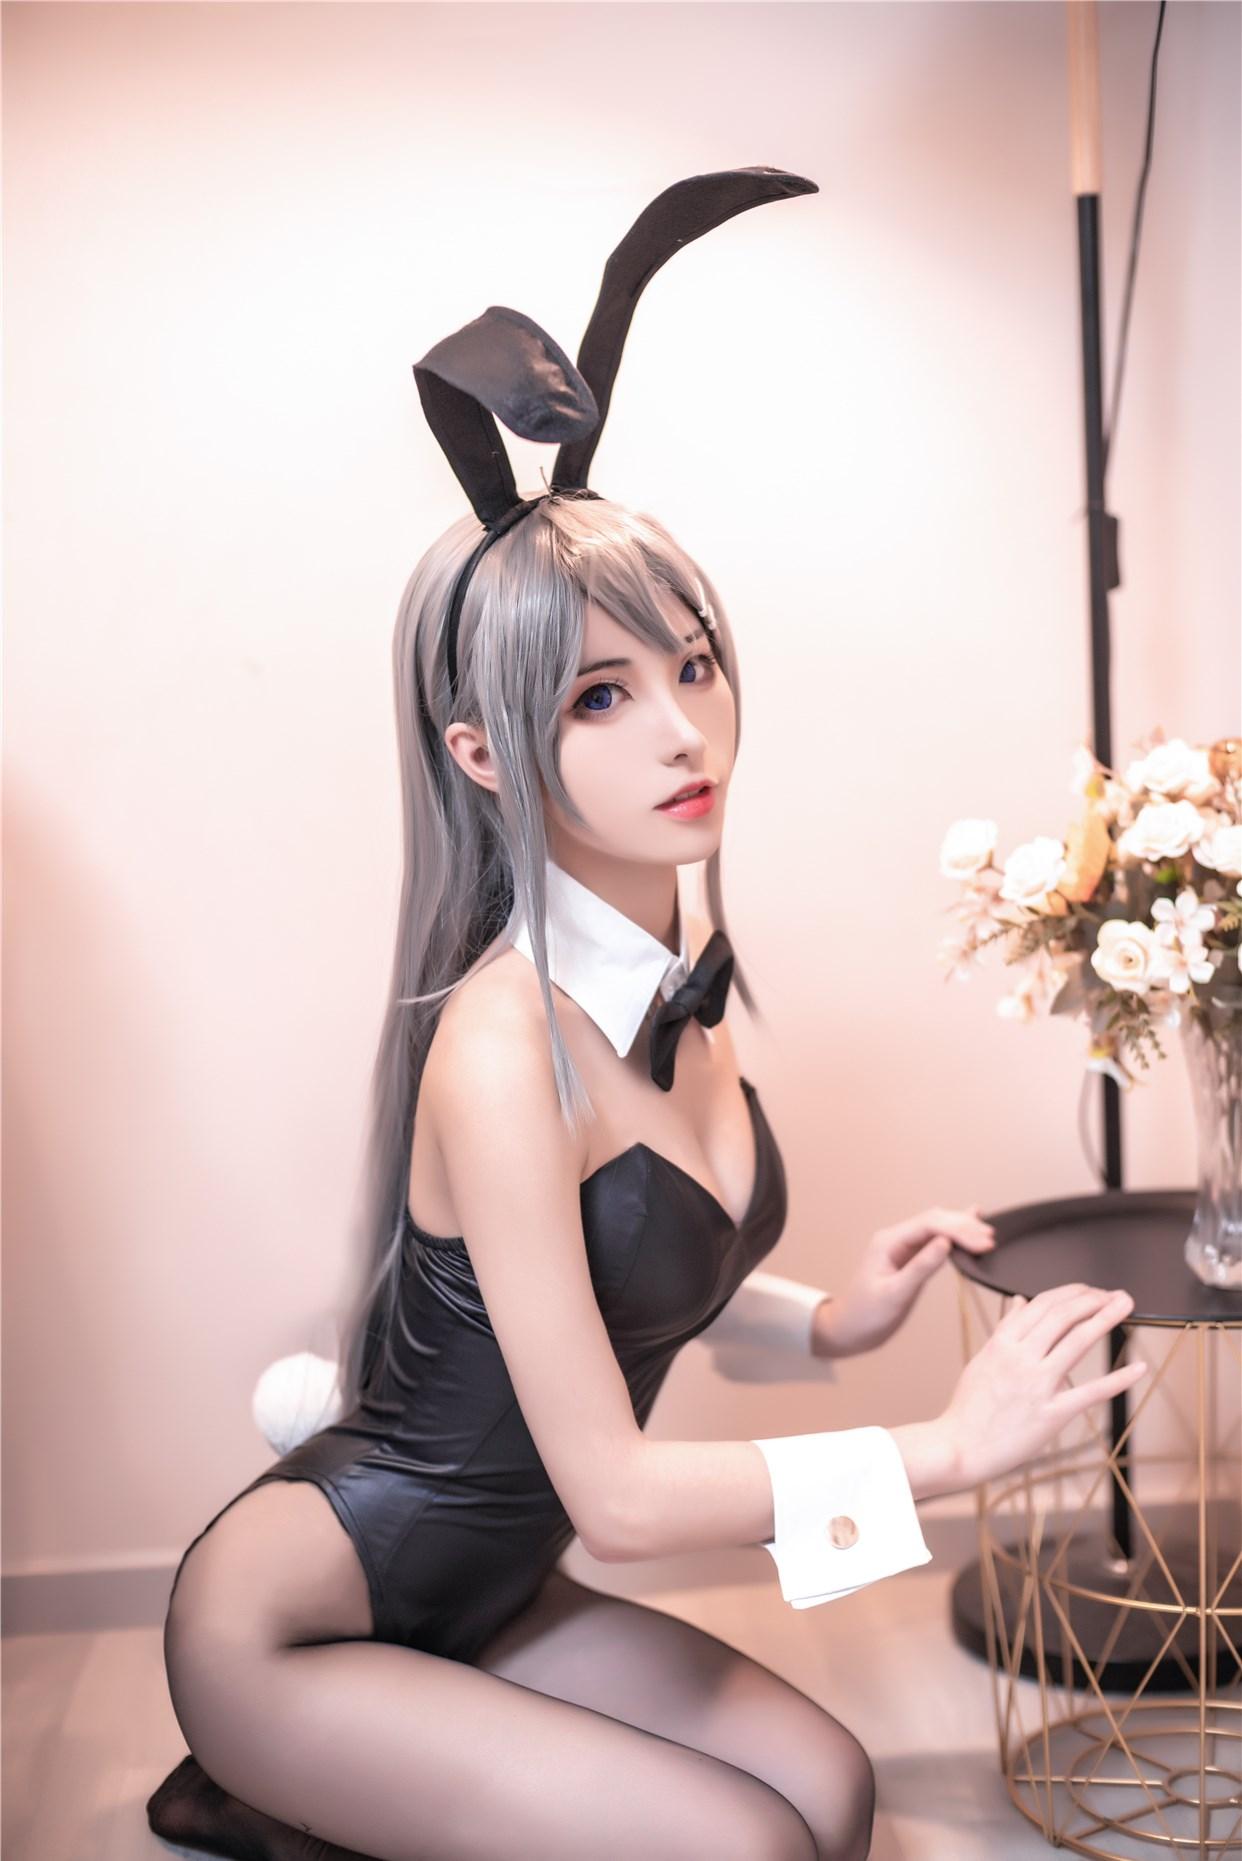 【兔玩映画】喵喵的cos合集 兔玩映画 第15张